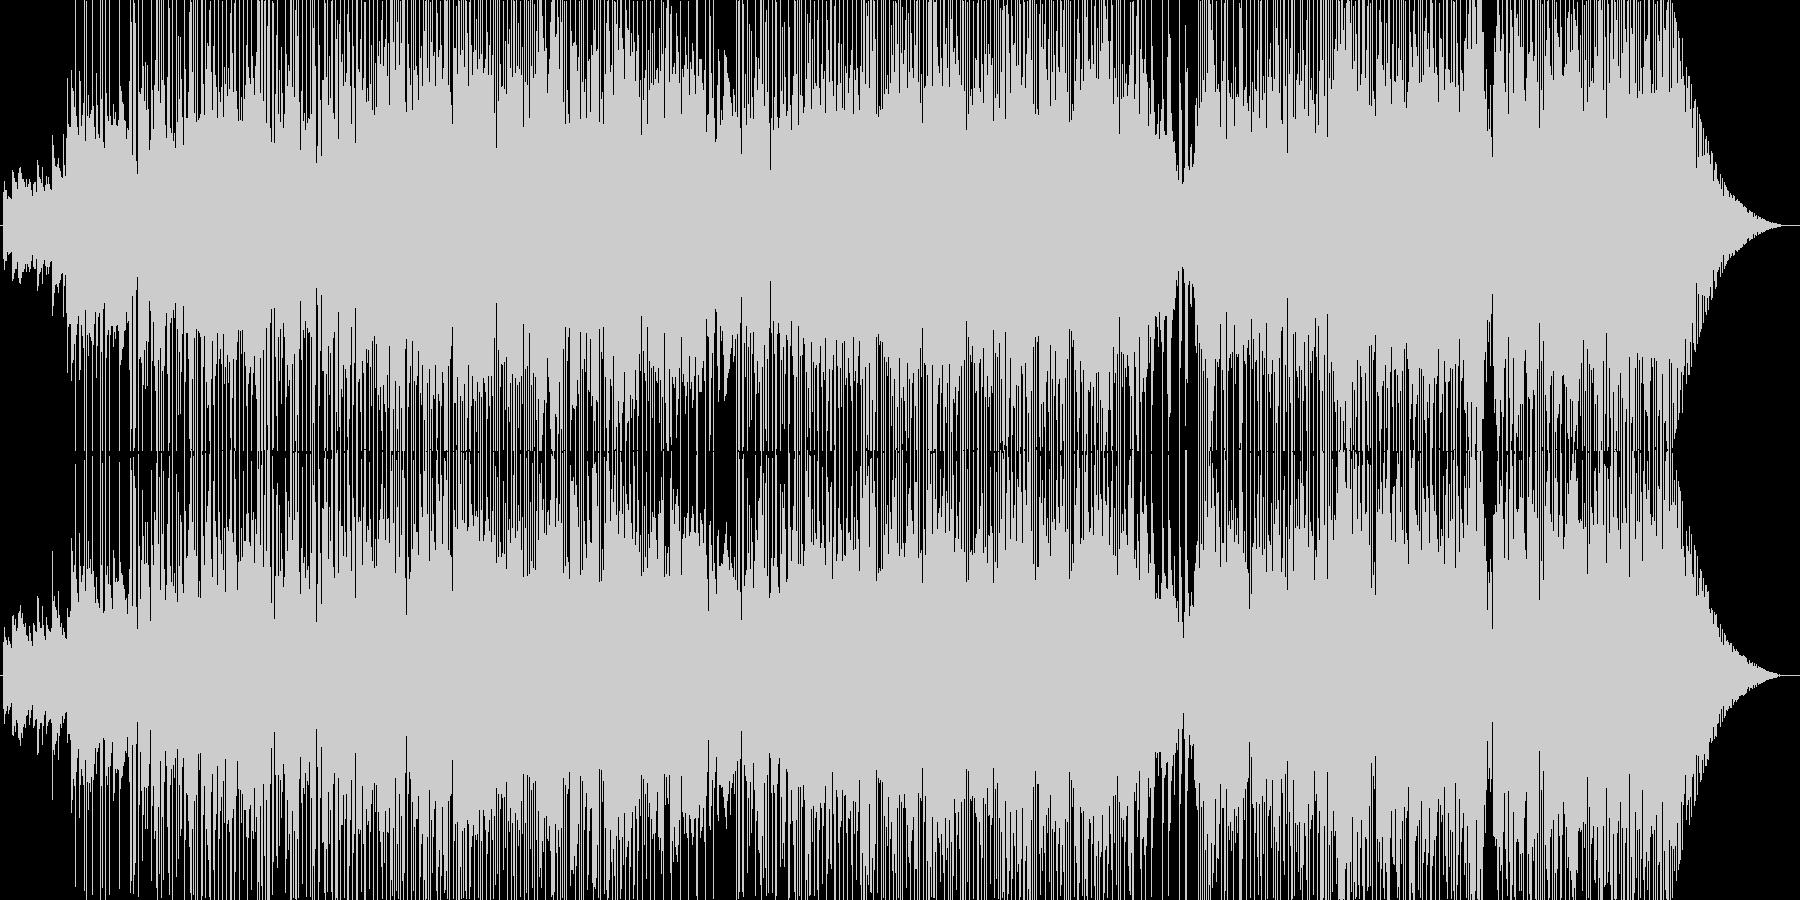 英語/女性ボーカル/生録/シティーポップの未再生の波形